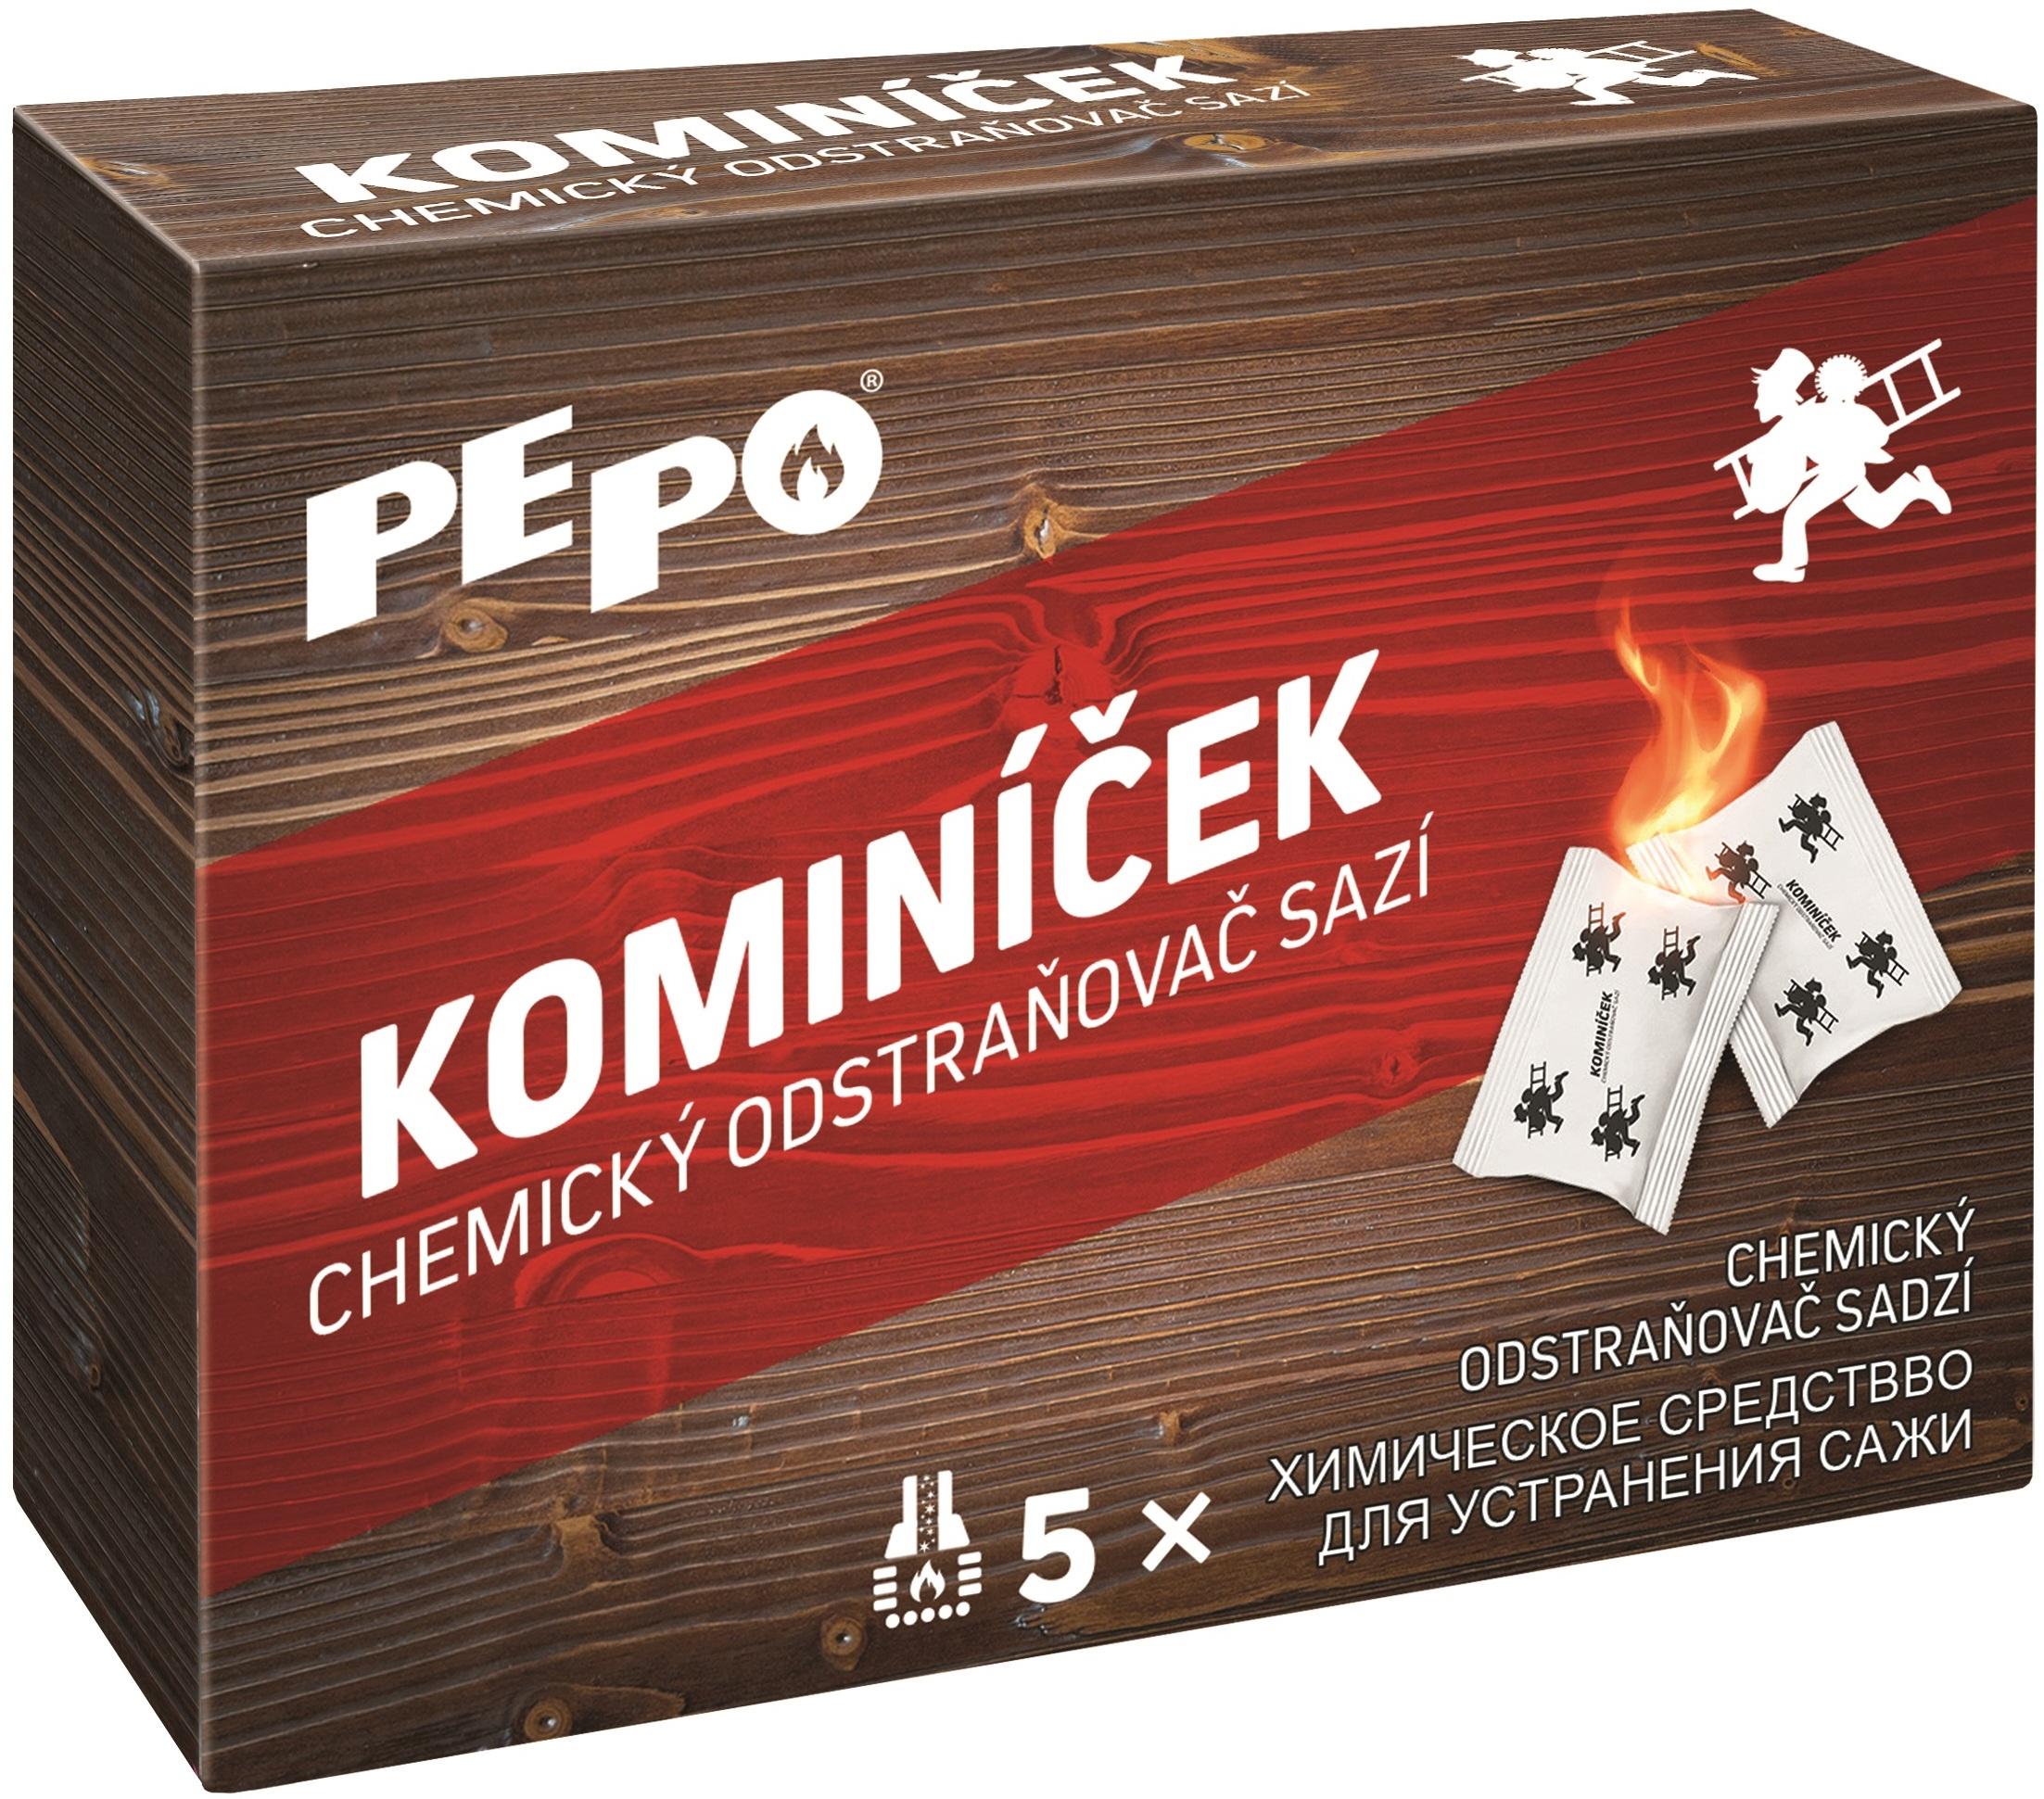 Pe-Po Kominíček chemický odstraňovač sazí z komínů a kouřovodů 5 ks x 14 g